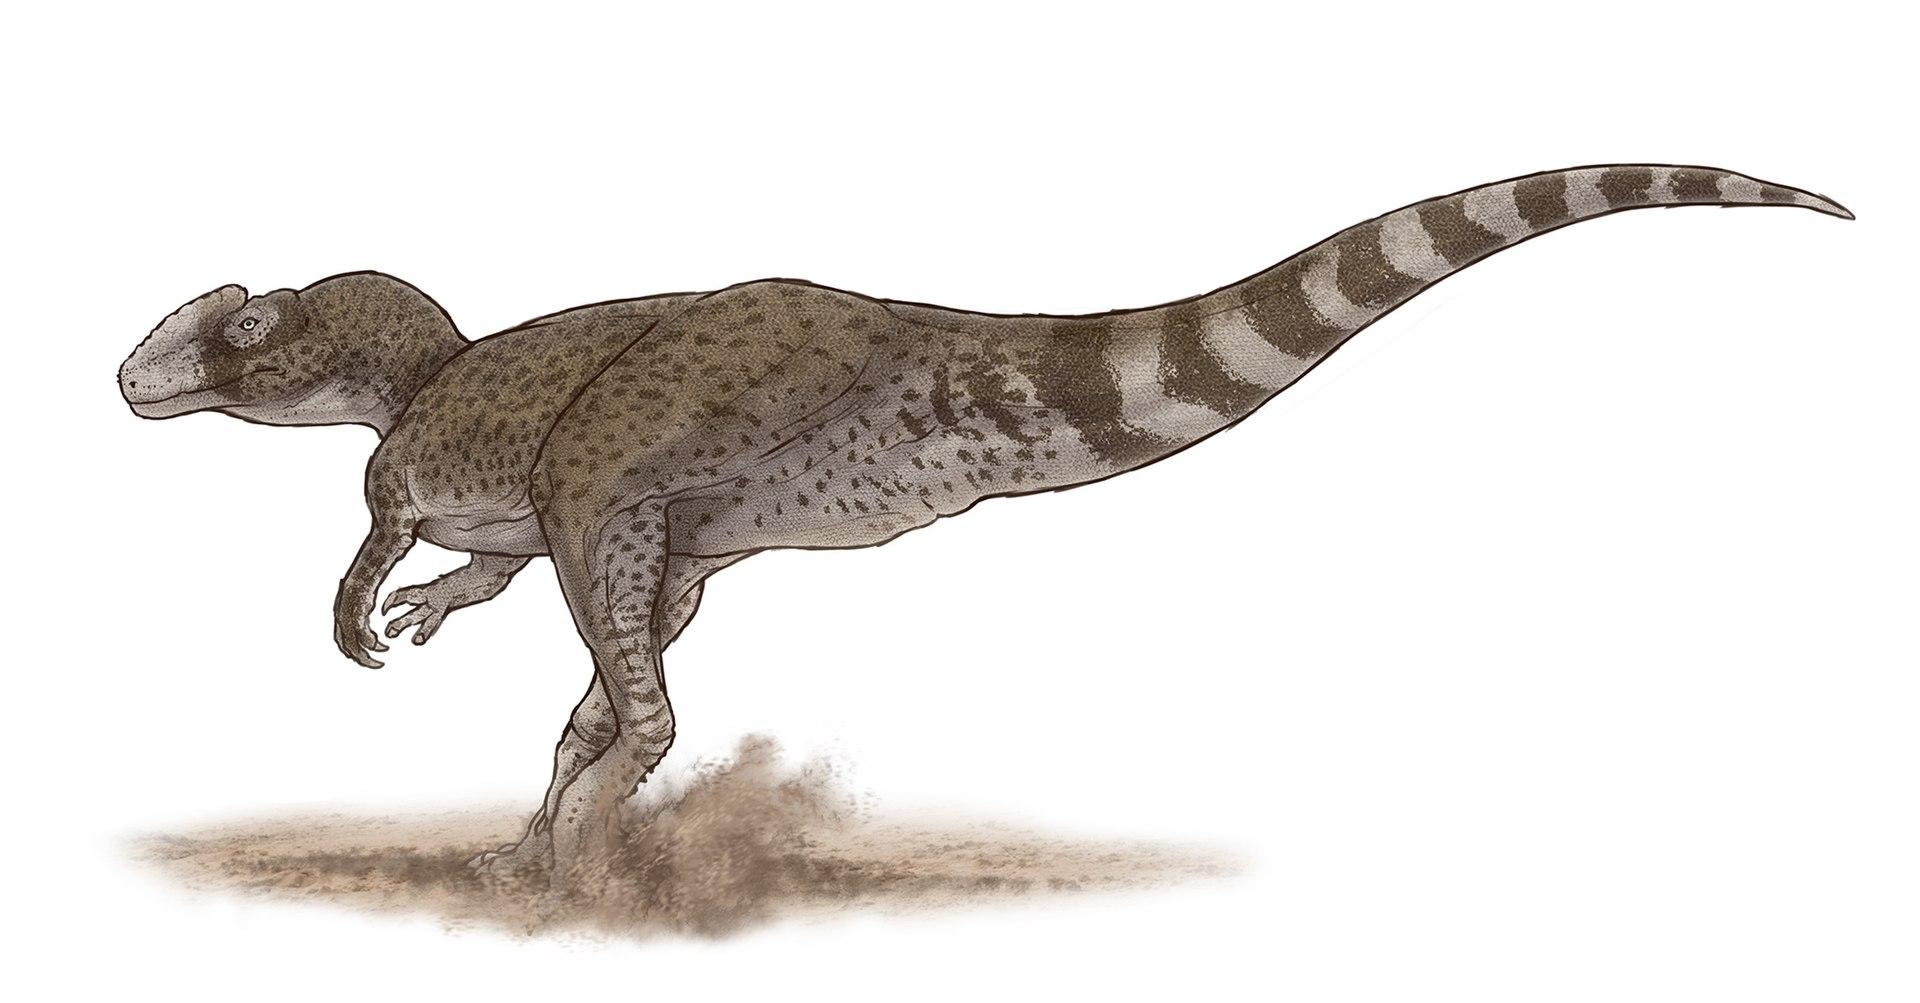 Dominantním státem v počtu platných druhohorních dinosauřích druhů je již 12. rokem Čína. Jedním z více než tří stovek druhů, dosud popsaných z území této velké asijské země, je například teropod Chuandongocoelurus primitivus, žijící v období střední